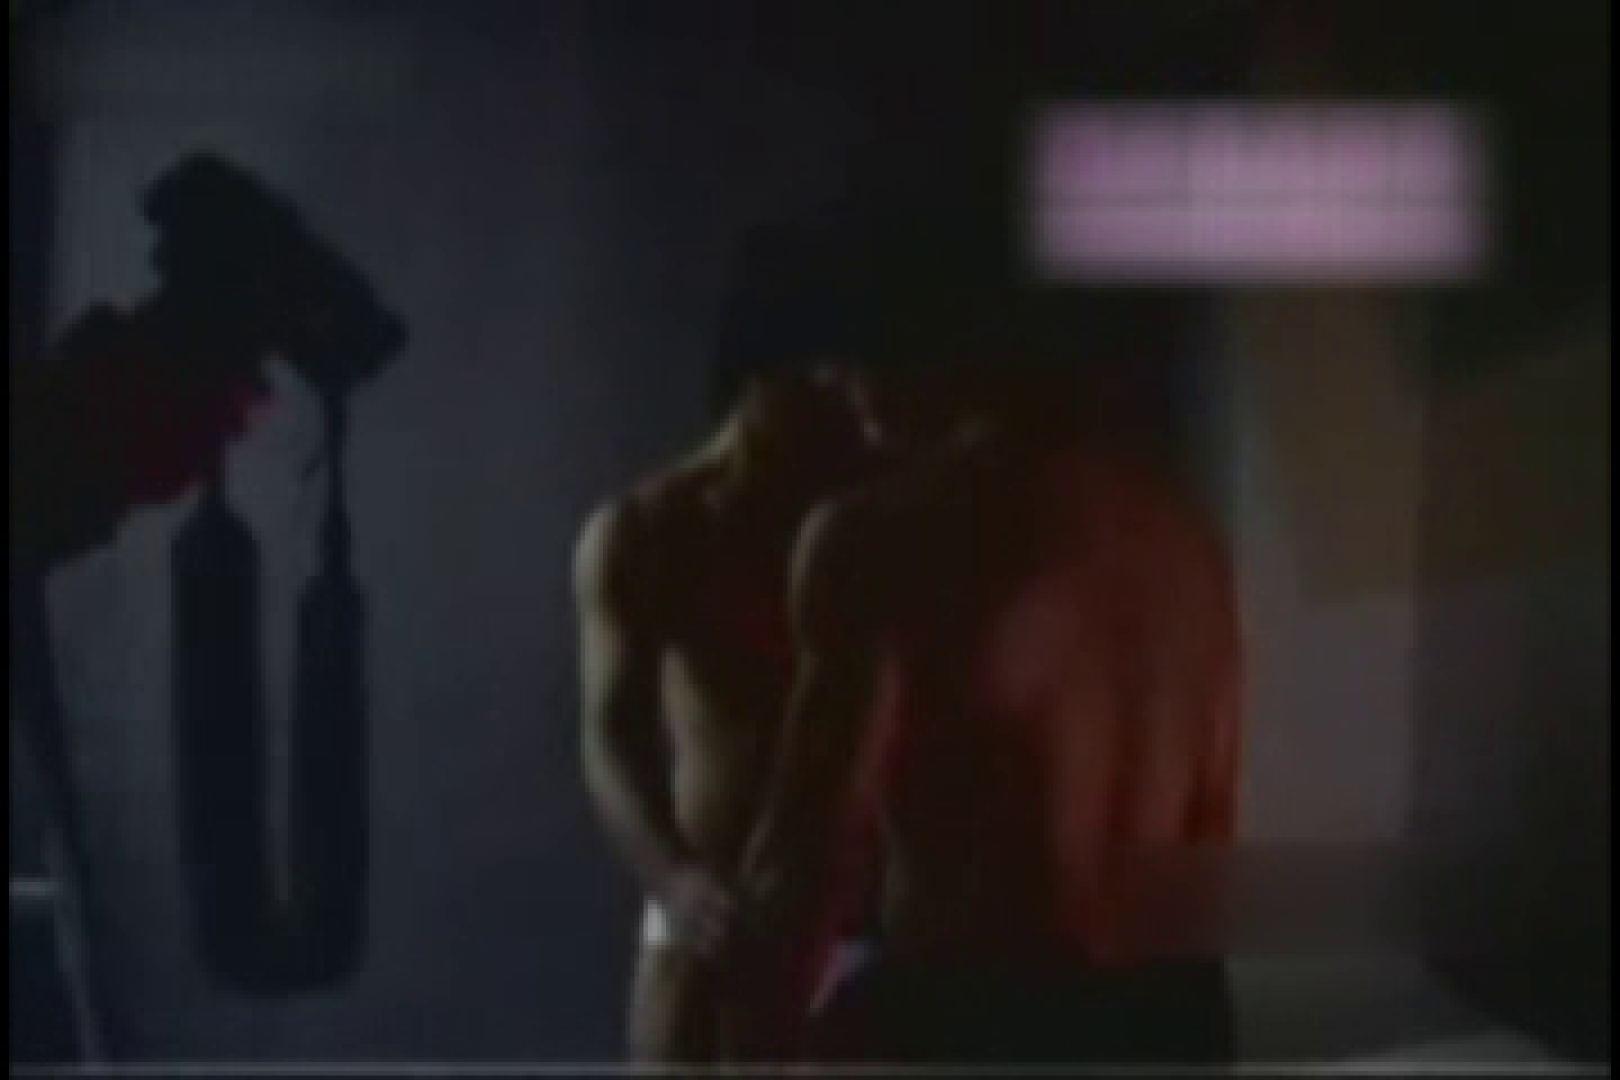 中出有名ゲイ雑誌★魅力●生★付録DVD収録スーパーモデルヌードvol4 イメージ (sex) | ヌード ゲイエロ画像 82枚 14